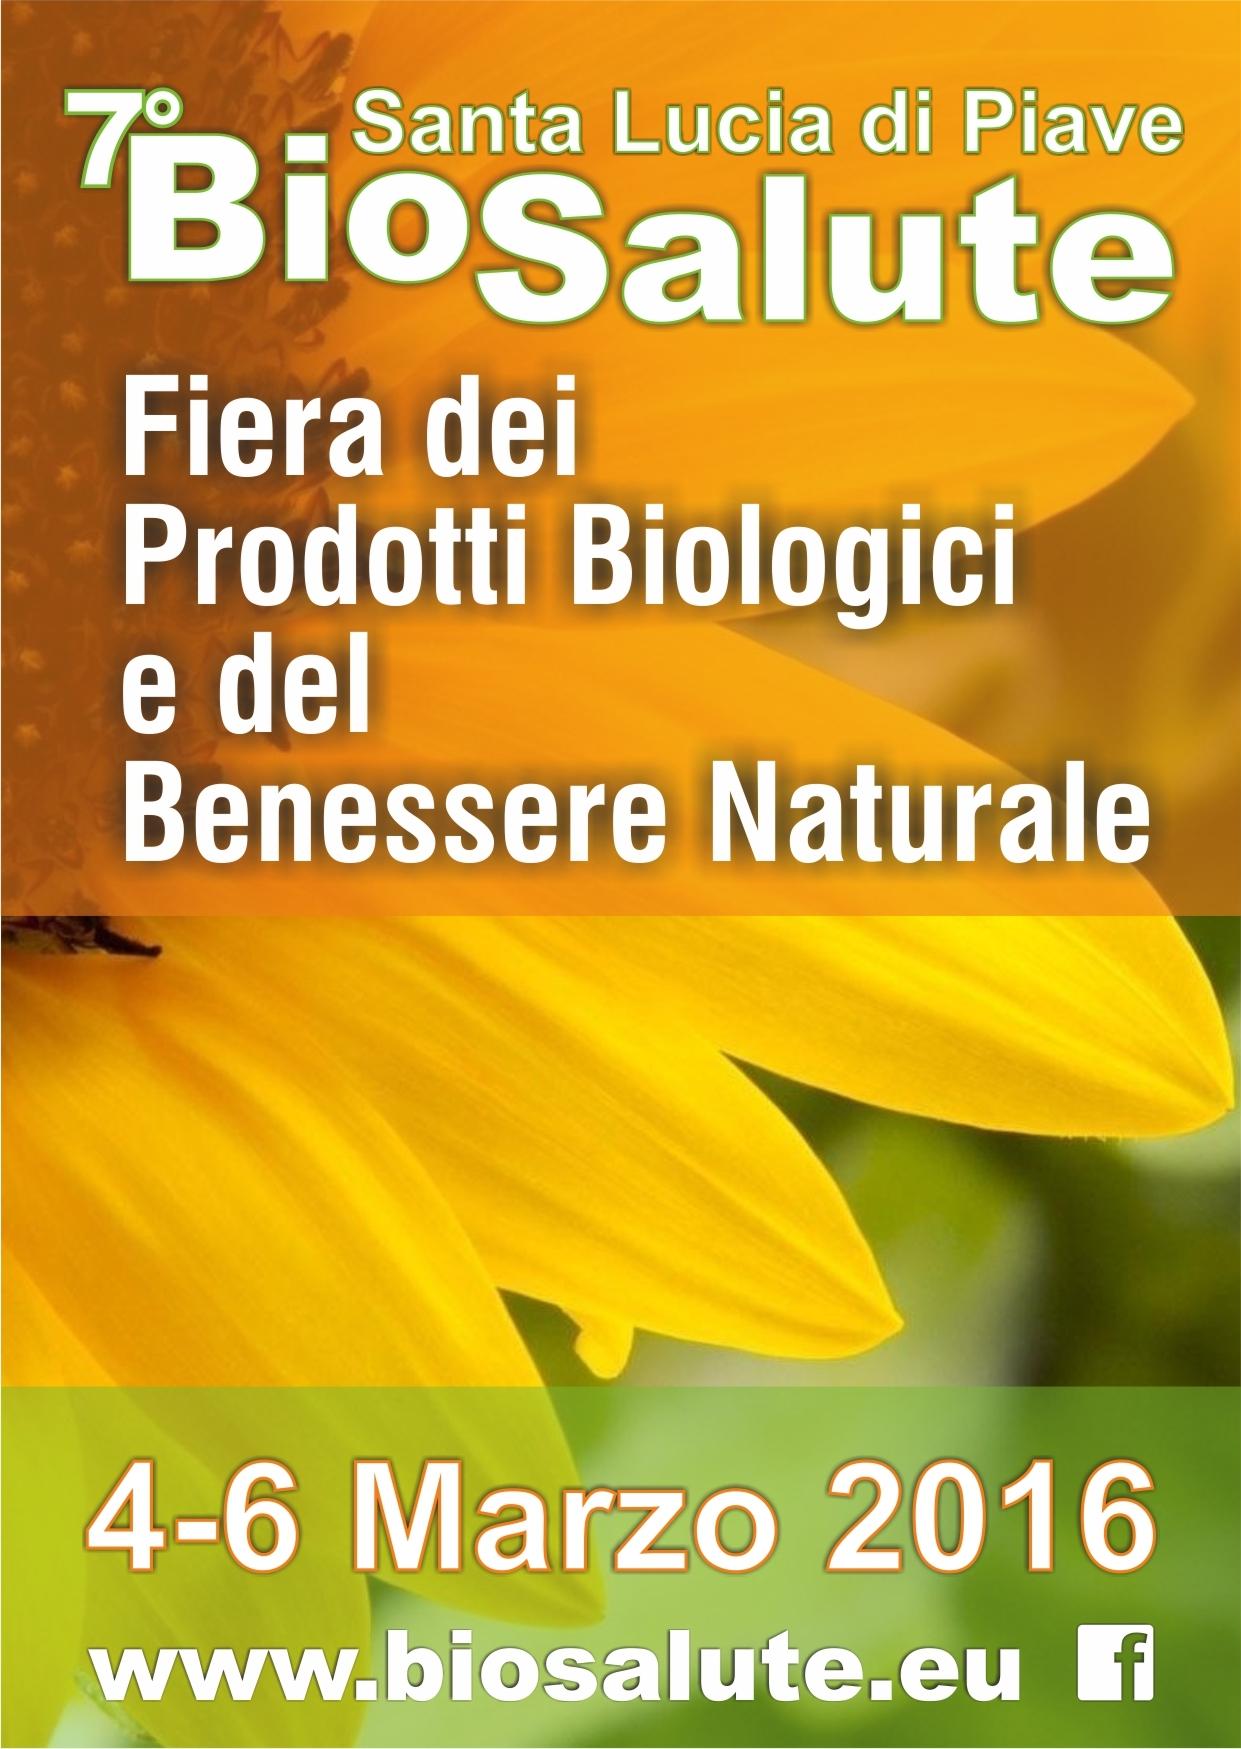 Dal 4 al 6 marzo siamo in fiera Biosalute a Santa Lucia di Piave (TV)